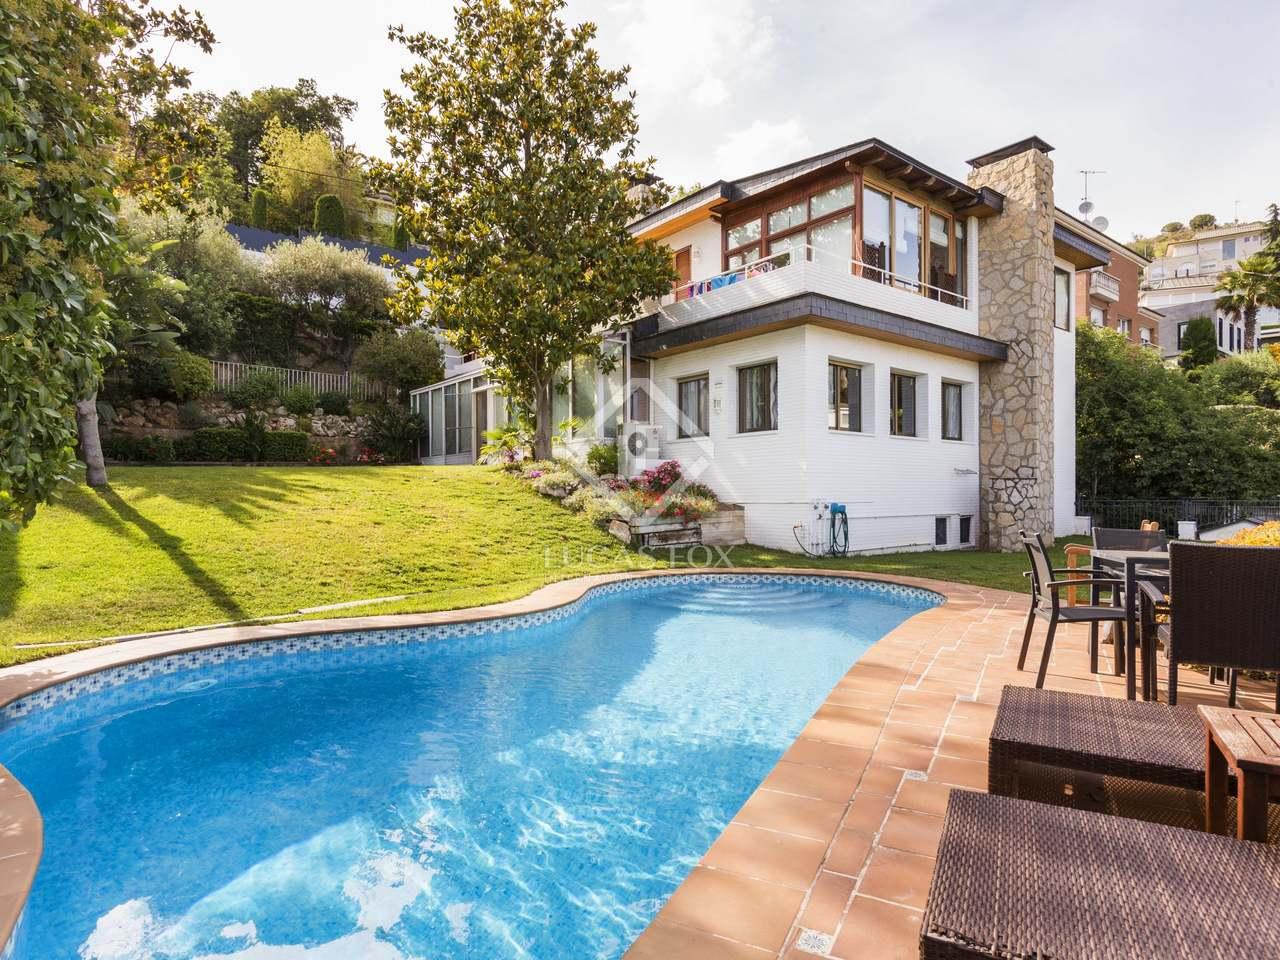 Casa de 5 dormitorios con piscina en venta en ciudad diagonal for Casas con piscina baratas barcelona